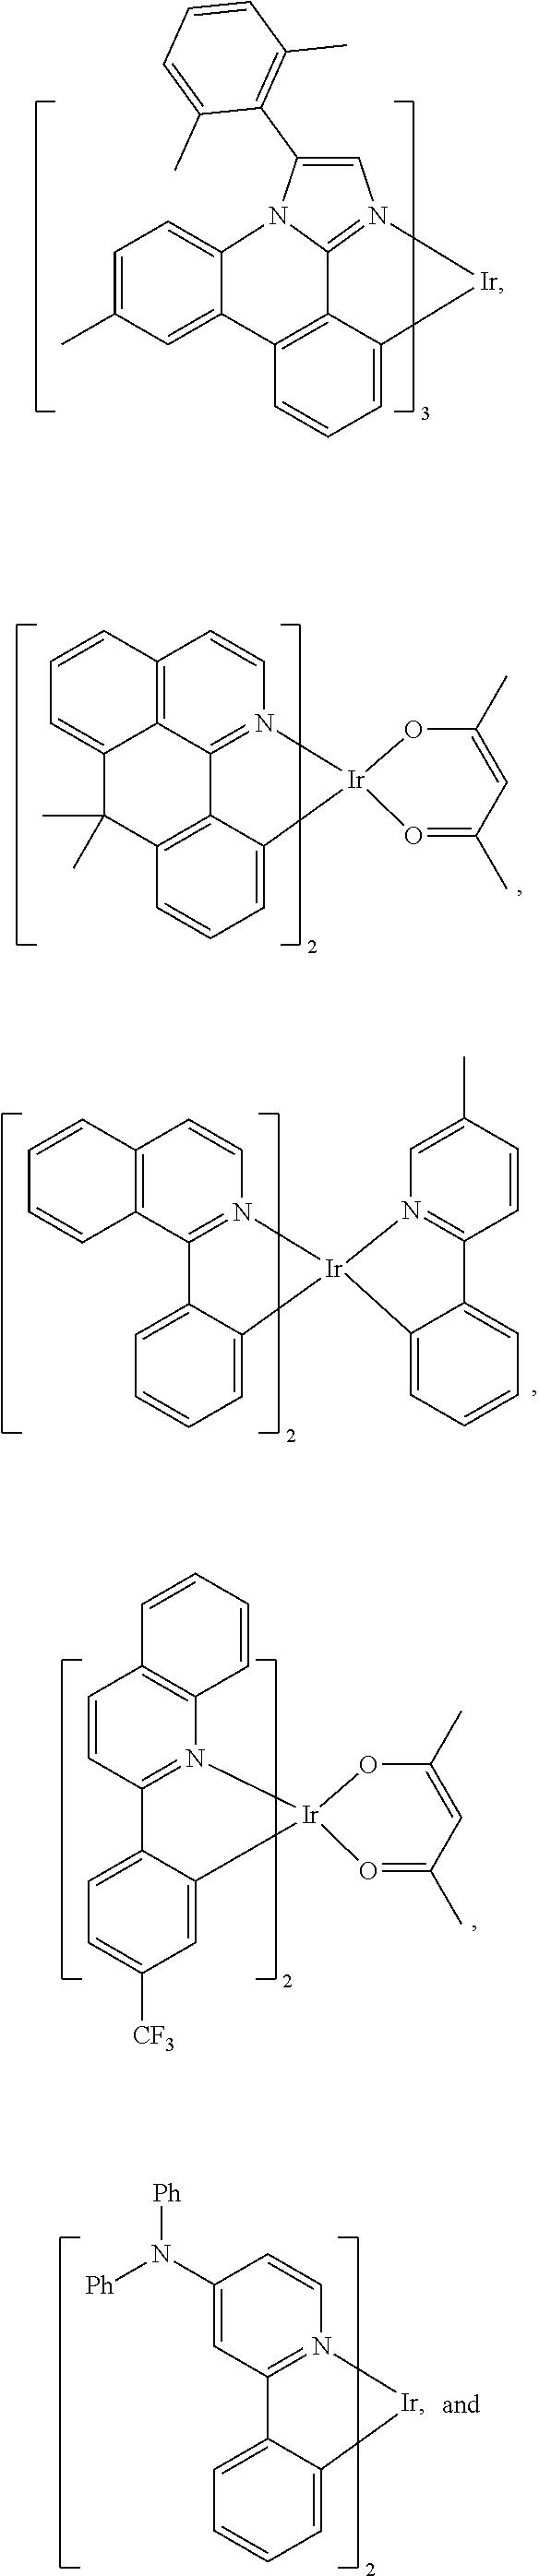 Figure US20190161504A1-20190530-C00083